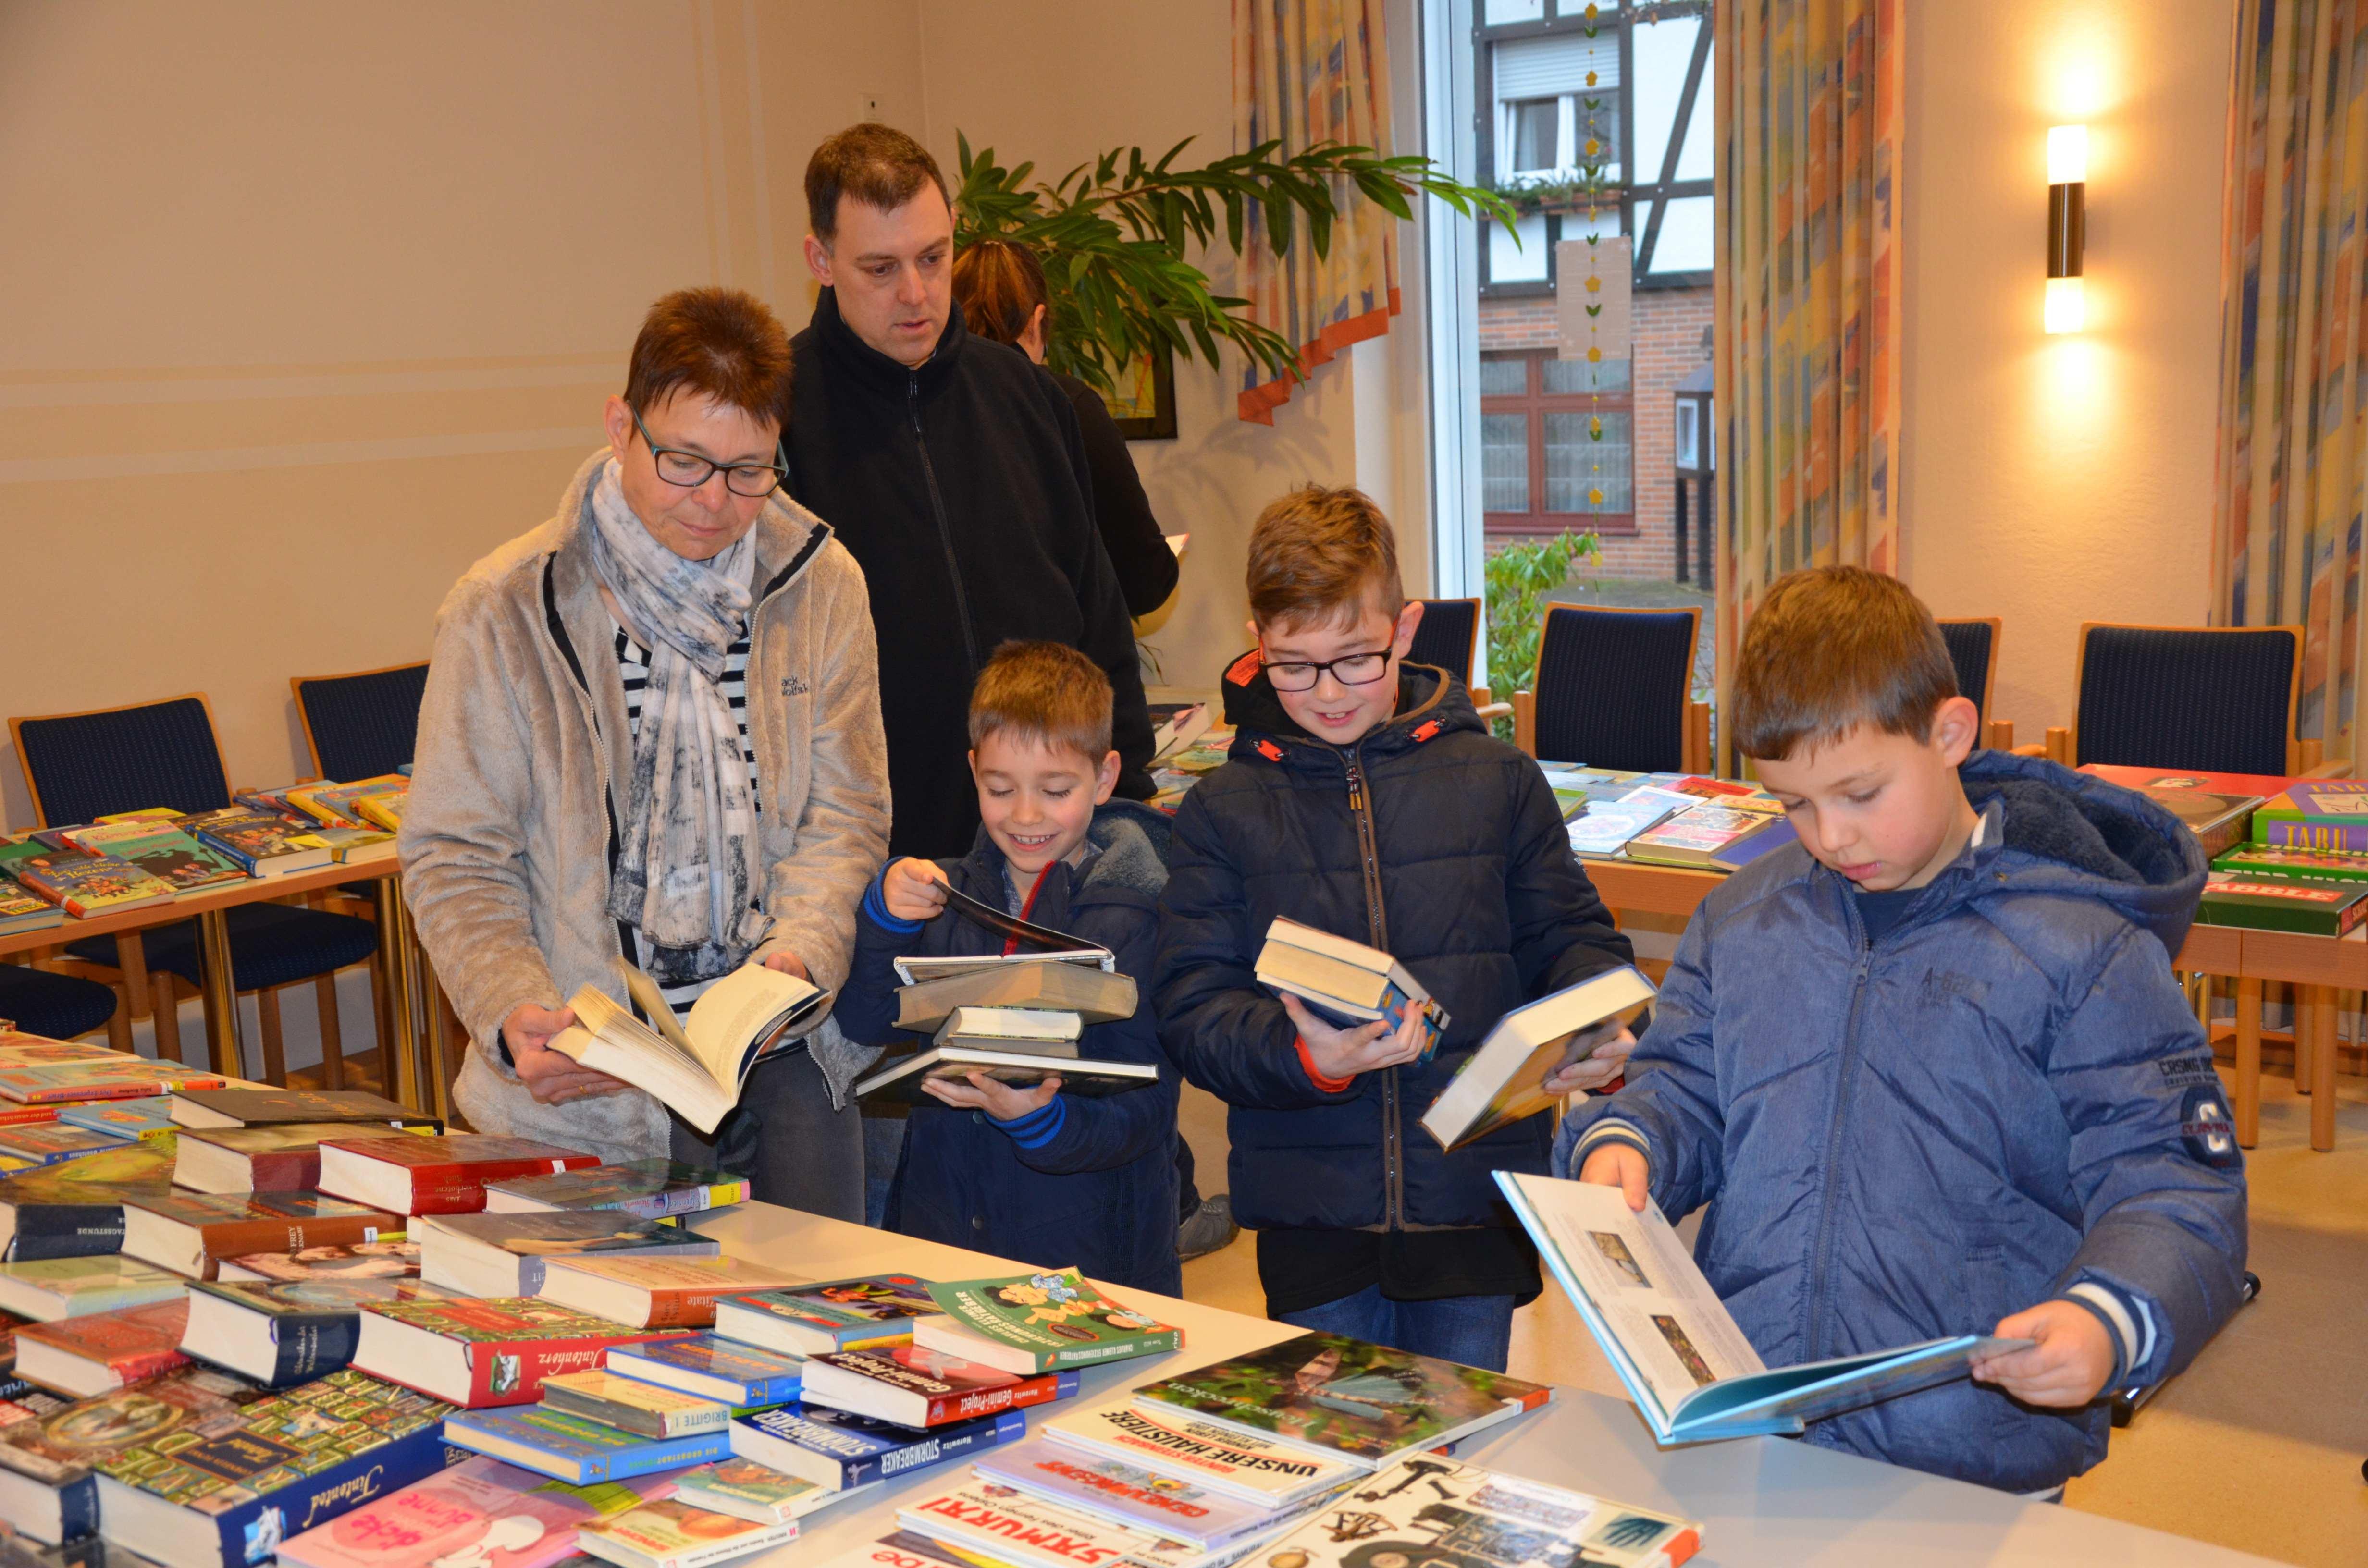 Bücherflohmarkt im Haus Cäcilia